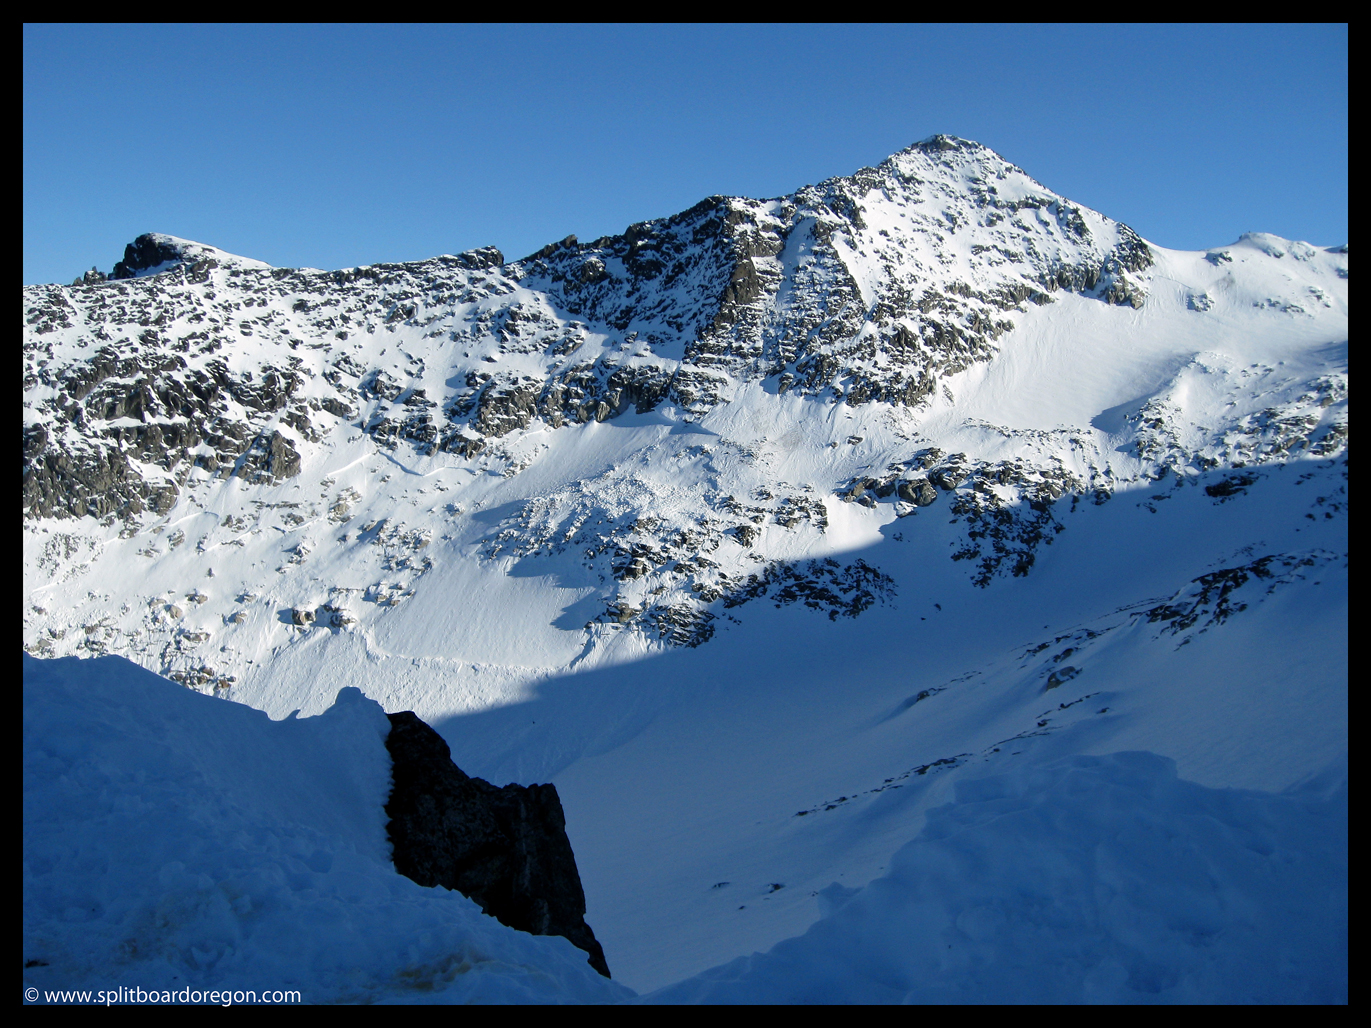 Looking across the Blackcomb Glacier